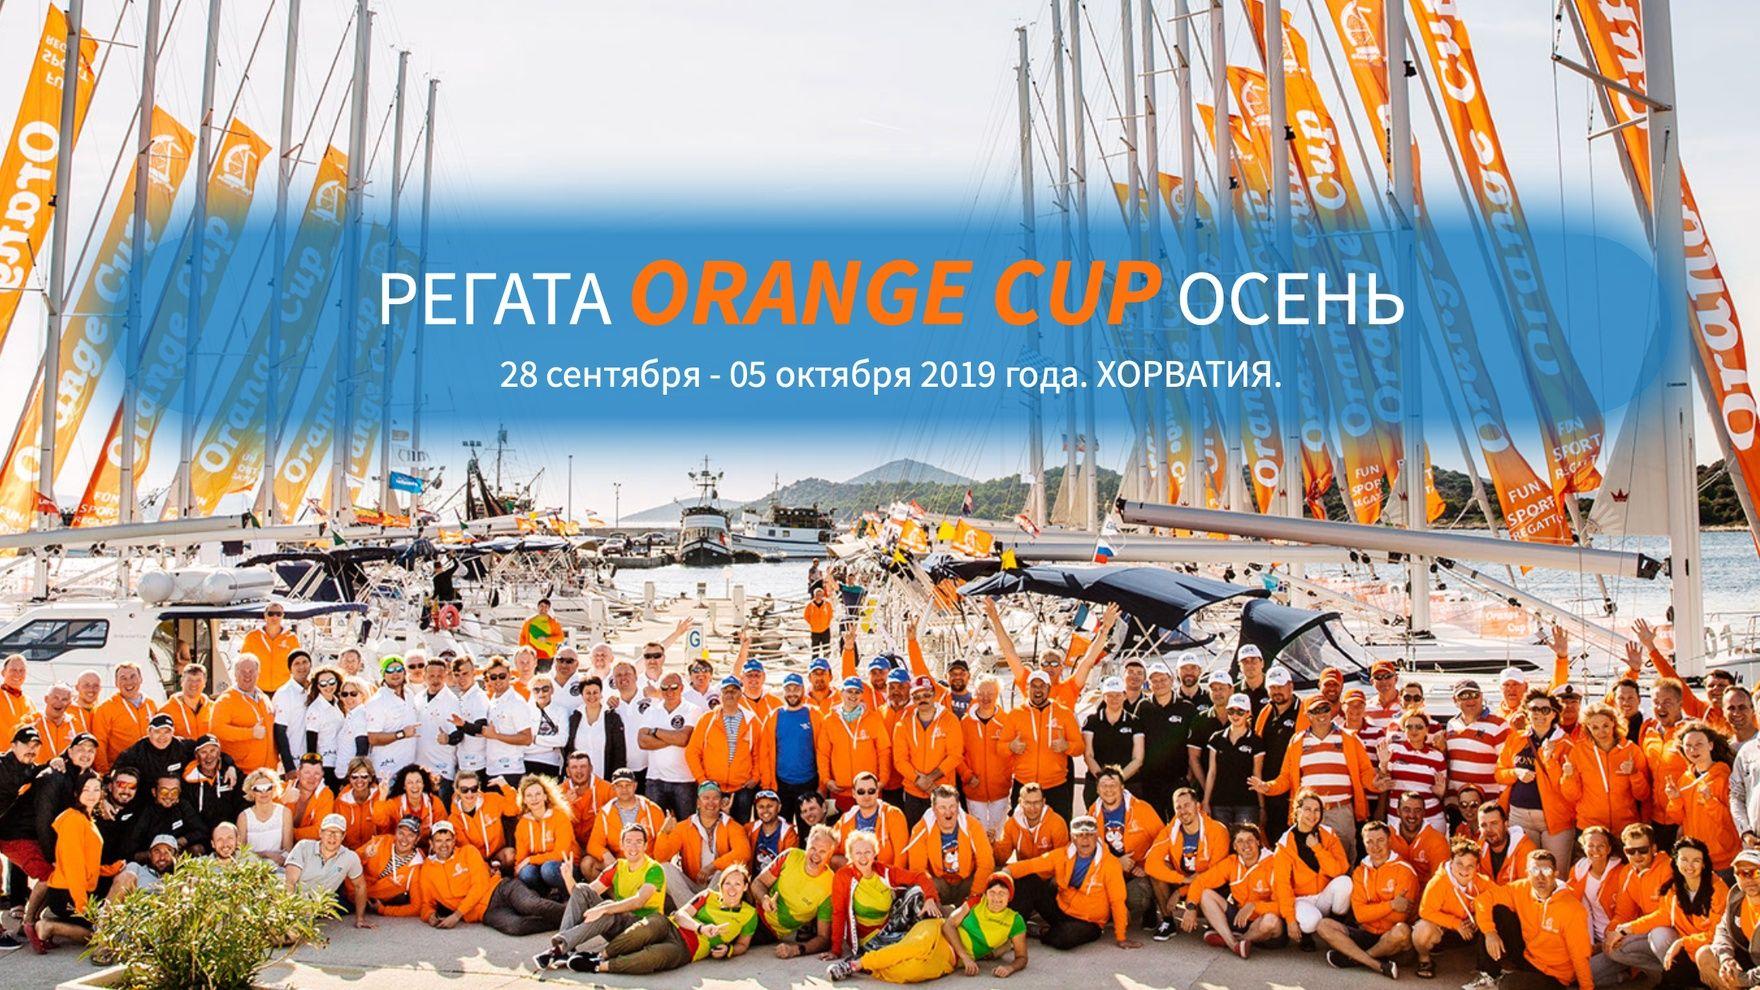 РЕГАТА ORANGE CUP